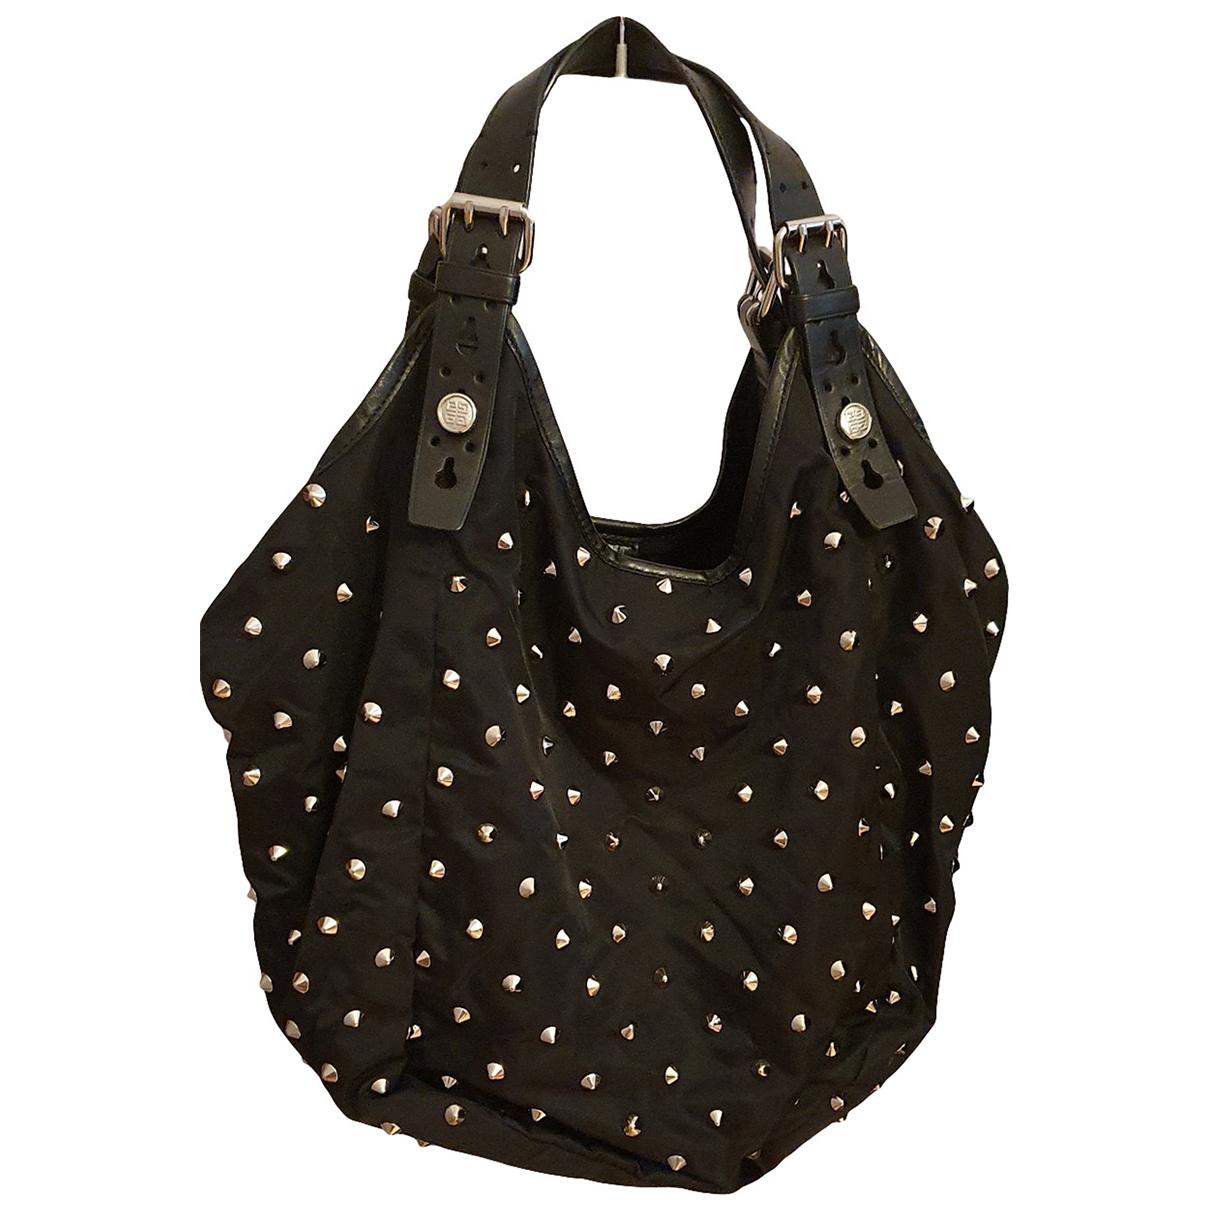 Givenchy \N Handtasche in  Schwarz Synthetik